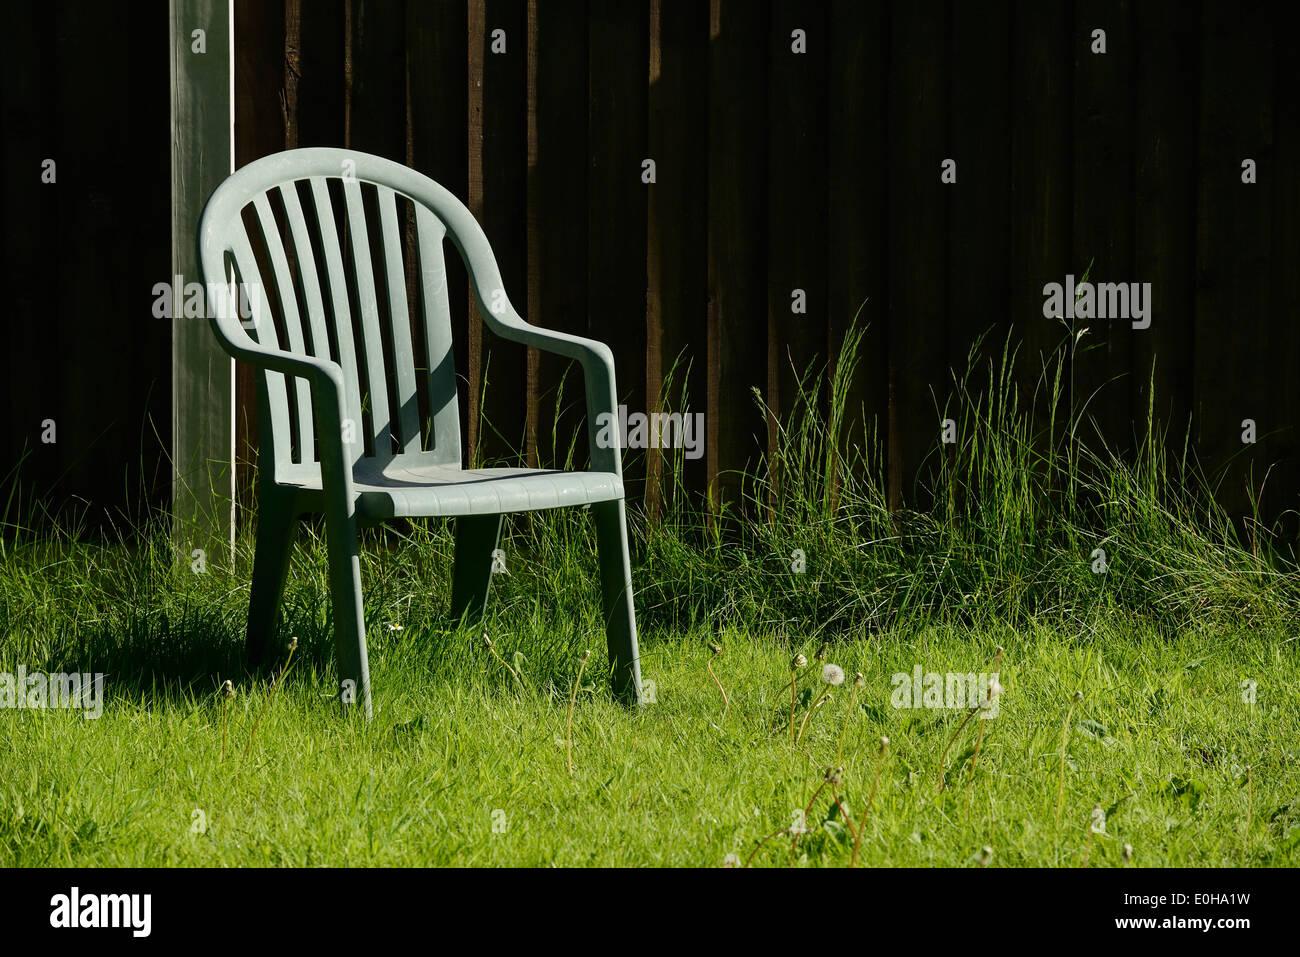 Einsame grüne Garten-Stuhl aus Kunststoff Stockbild